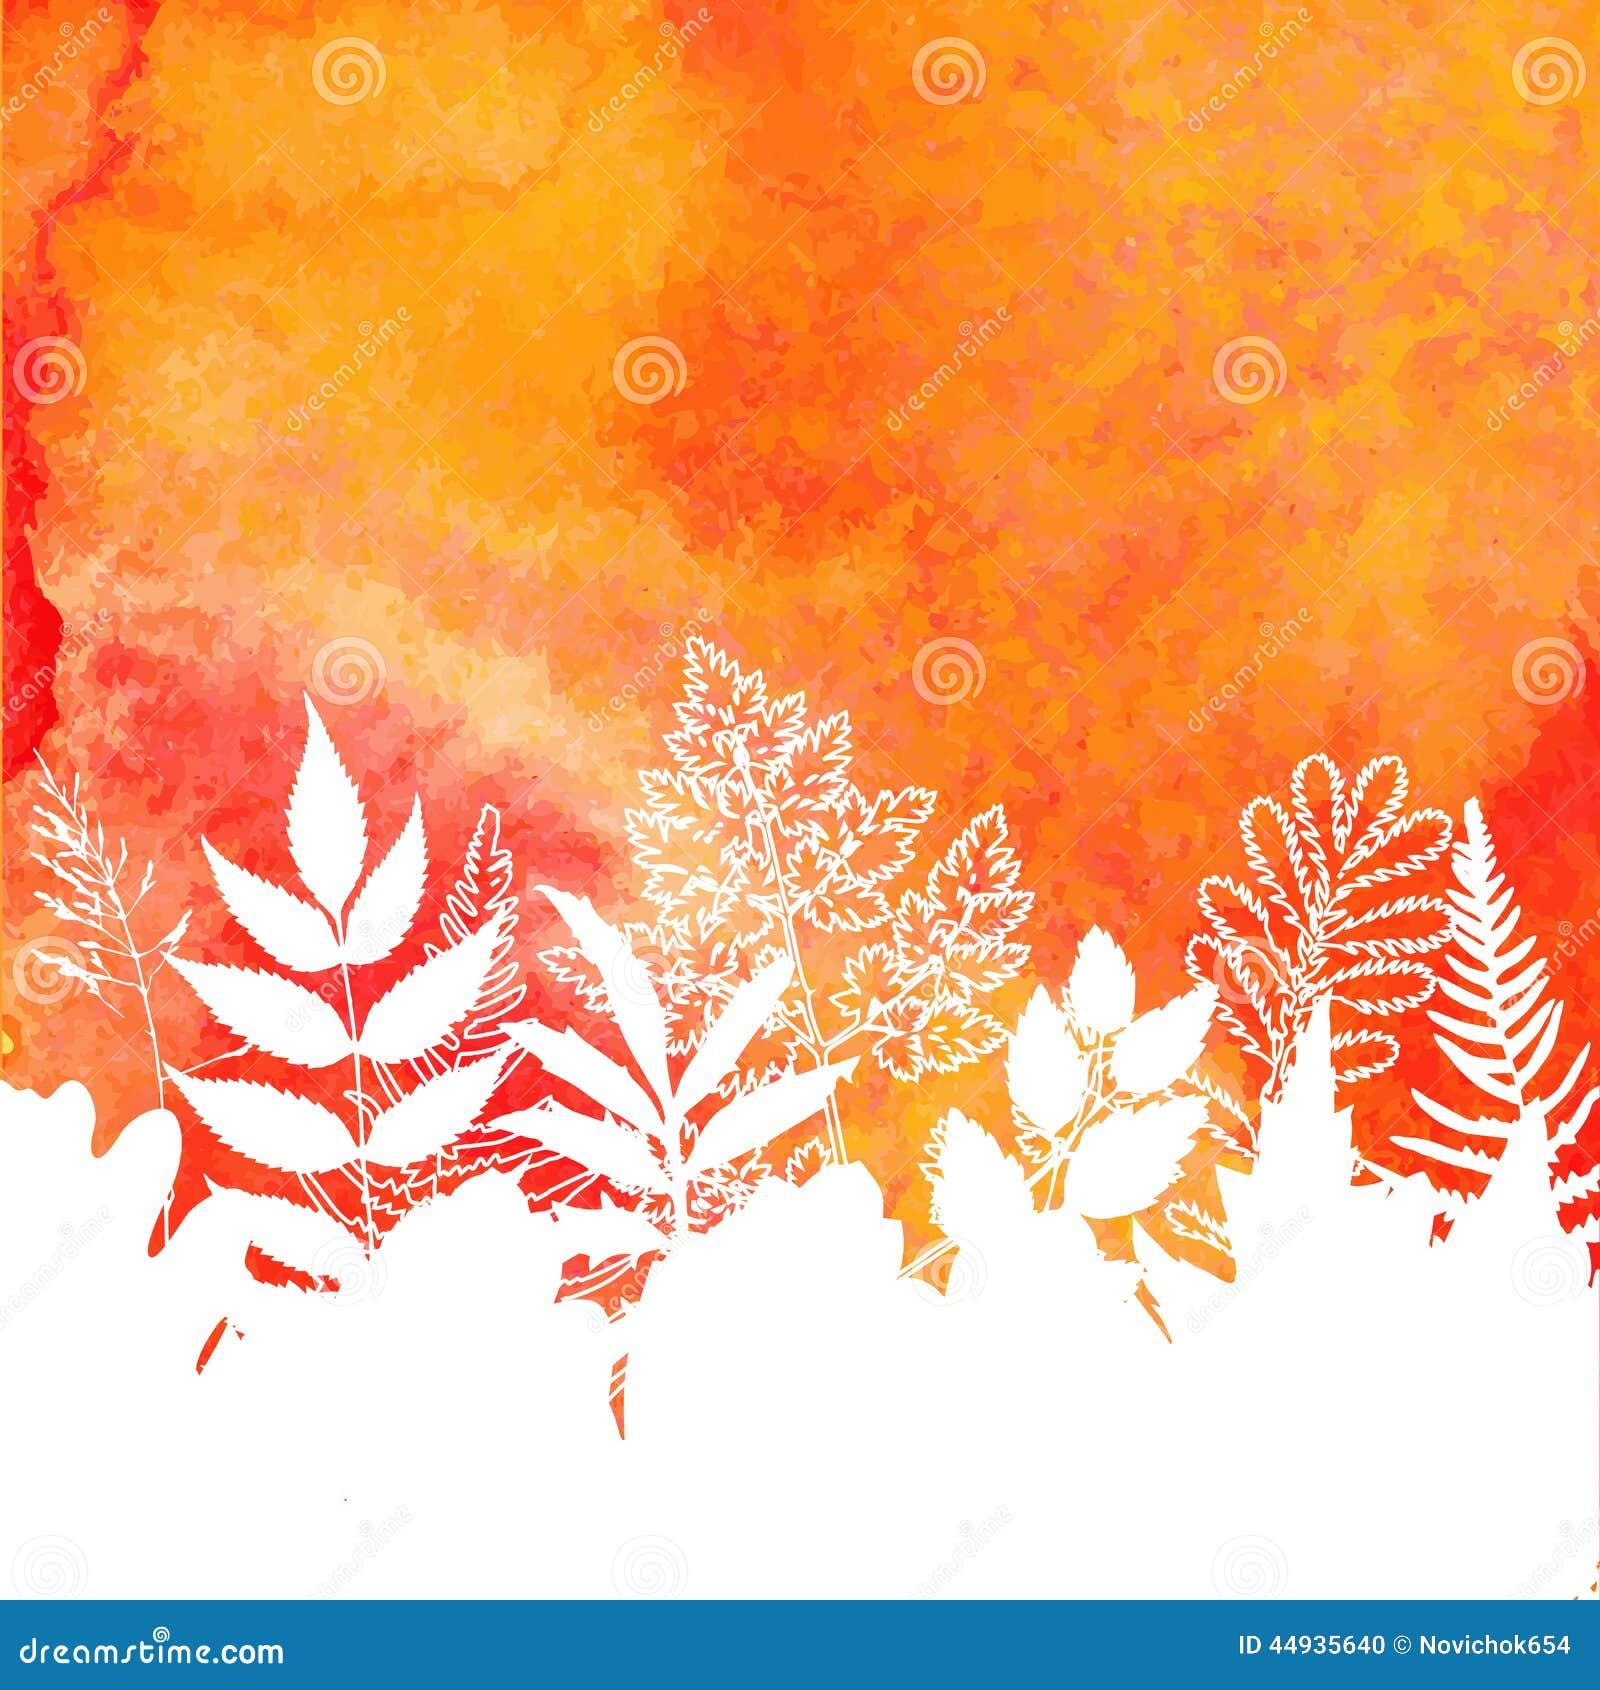 橙色水彩被绘的秋天叶子背景.图片